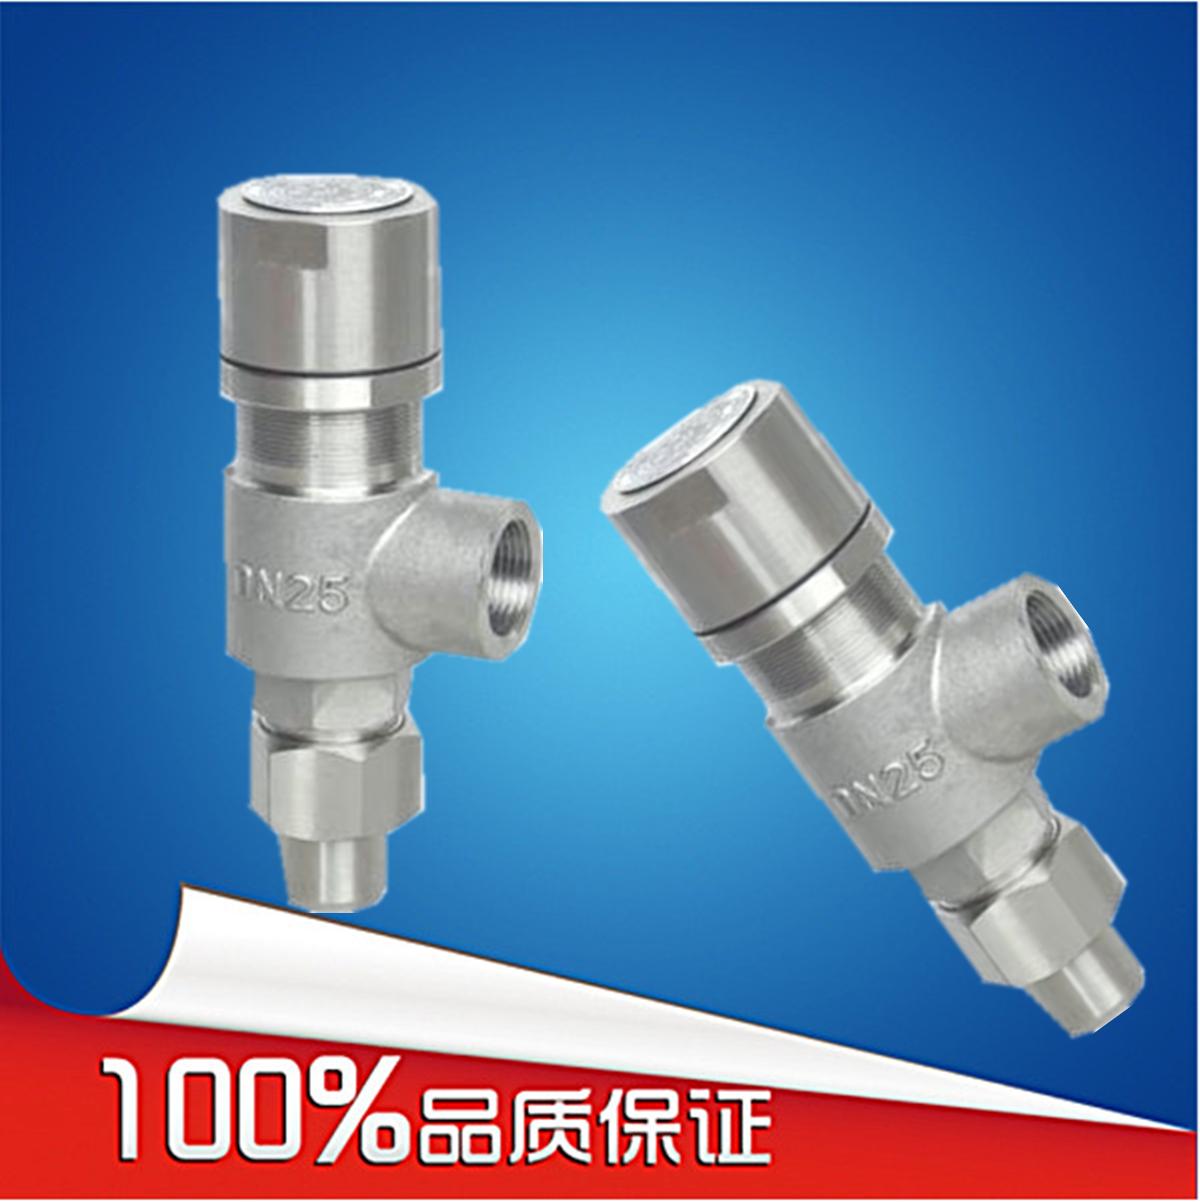 A21WFY-16P/25P304 van roestvrij staal in de lente van micro - veiligheidsklep A21H-16C/40CDN15